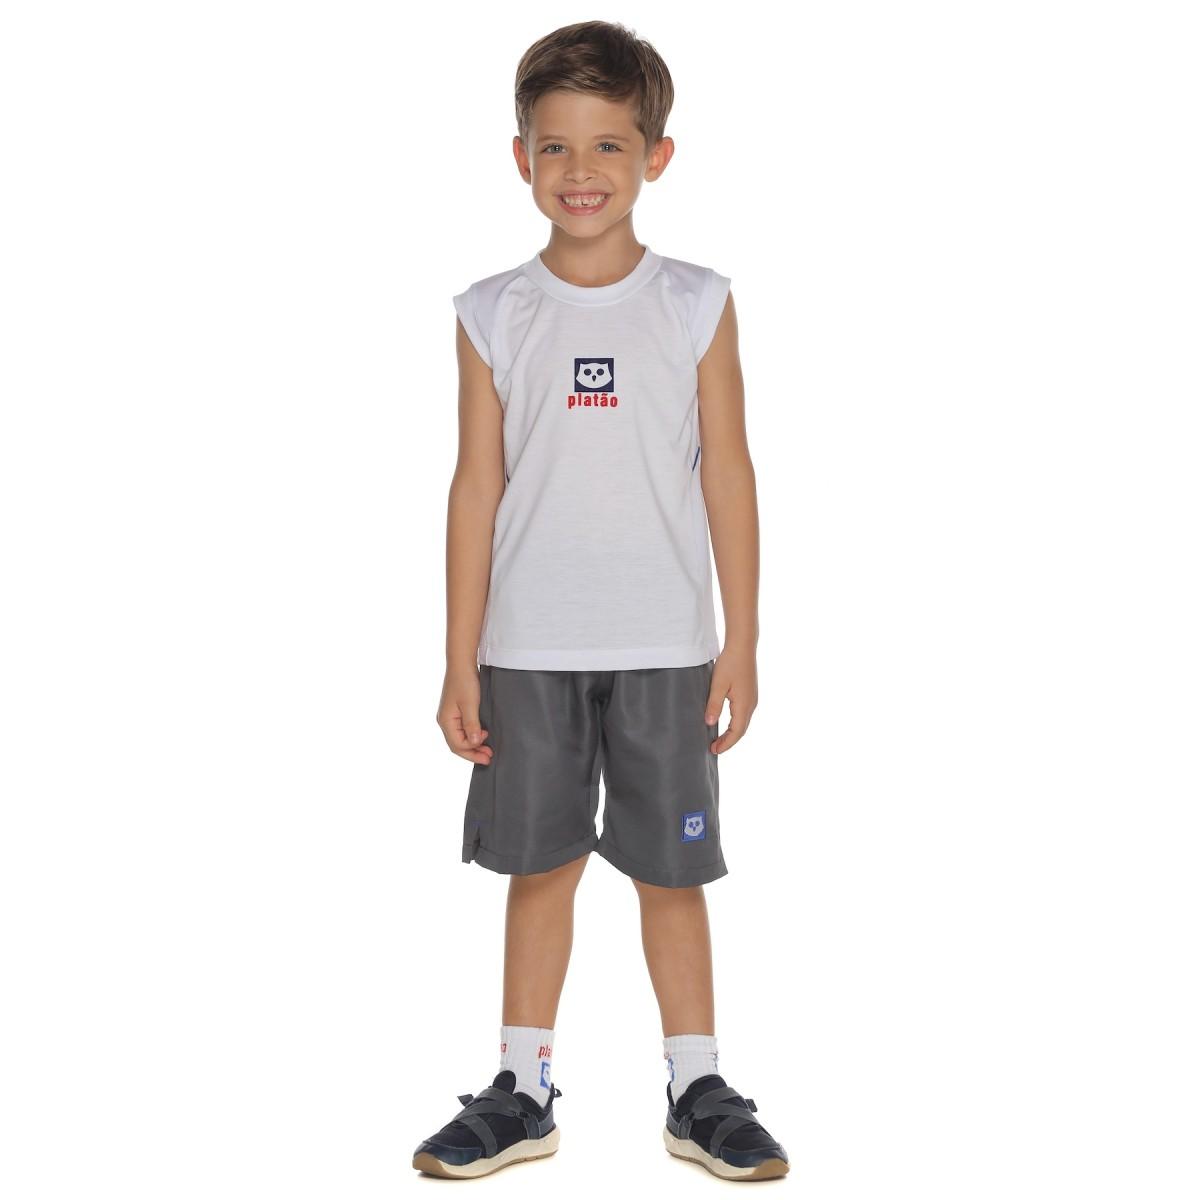 Camiseta Unissex Malha PV - Colégio Platão